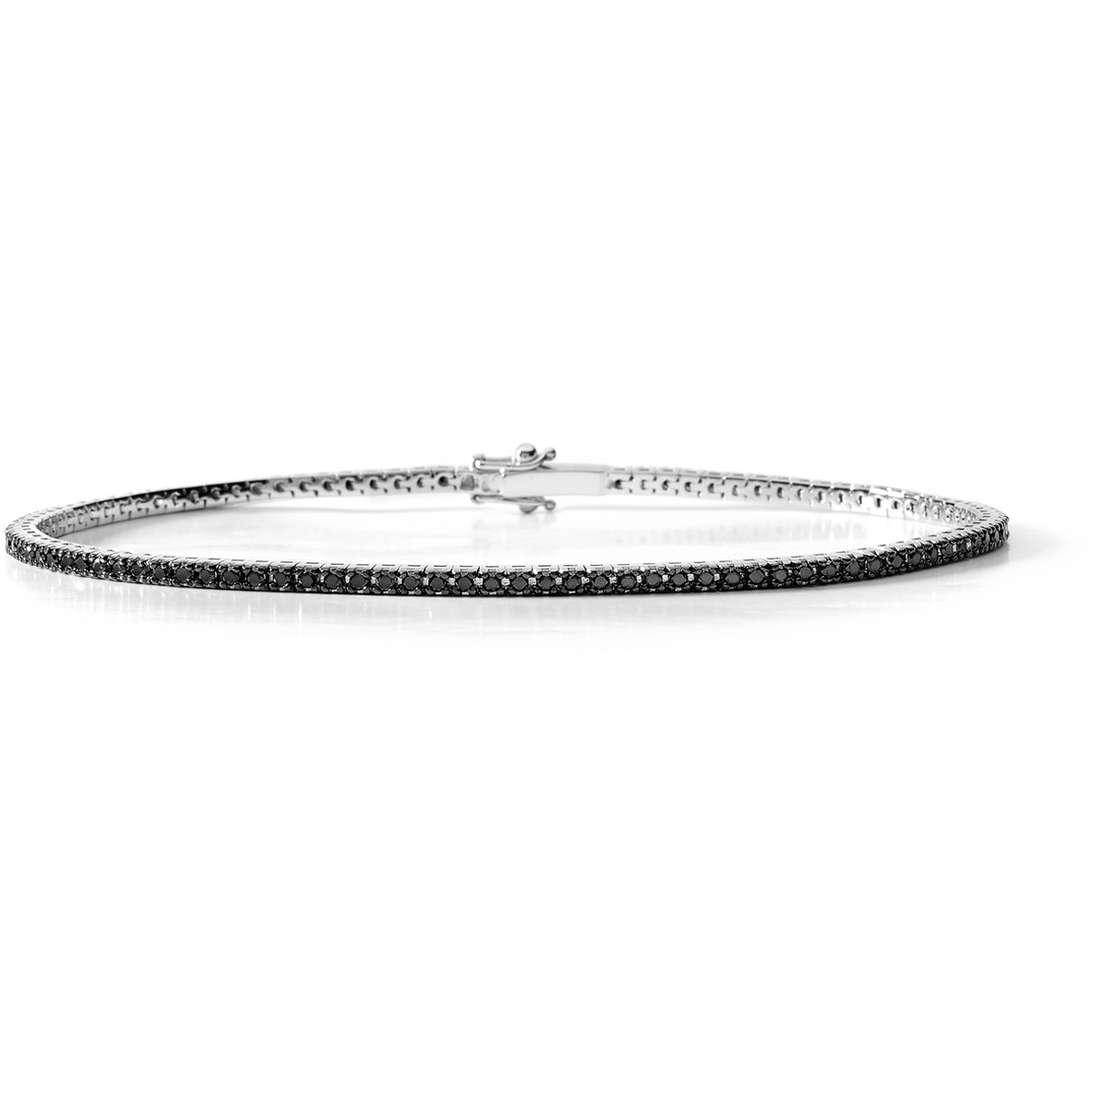 bracelet man jewellery Comete Pietre preziose colorate UBR 391 M18